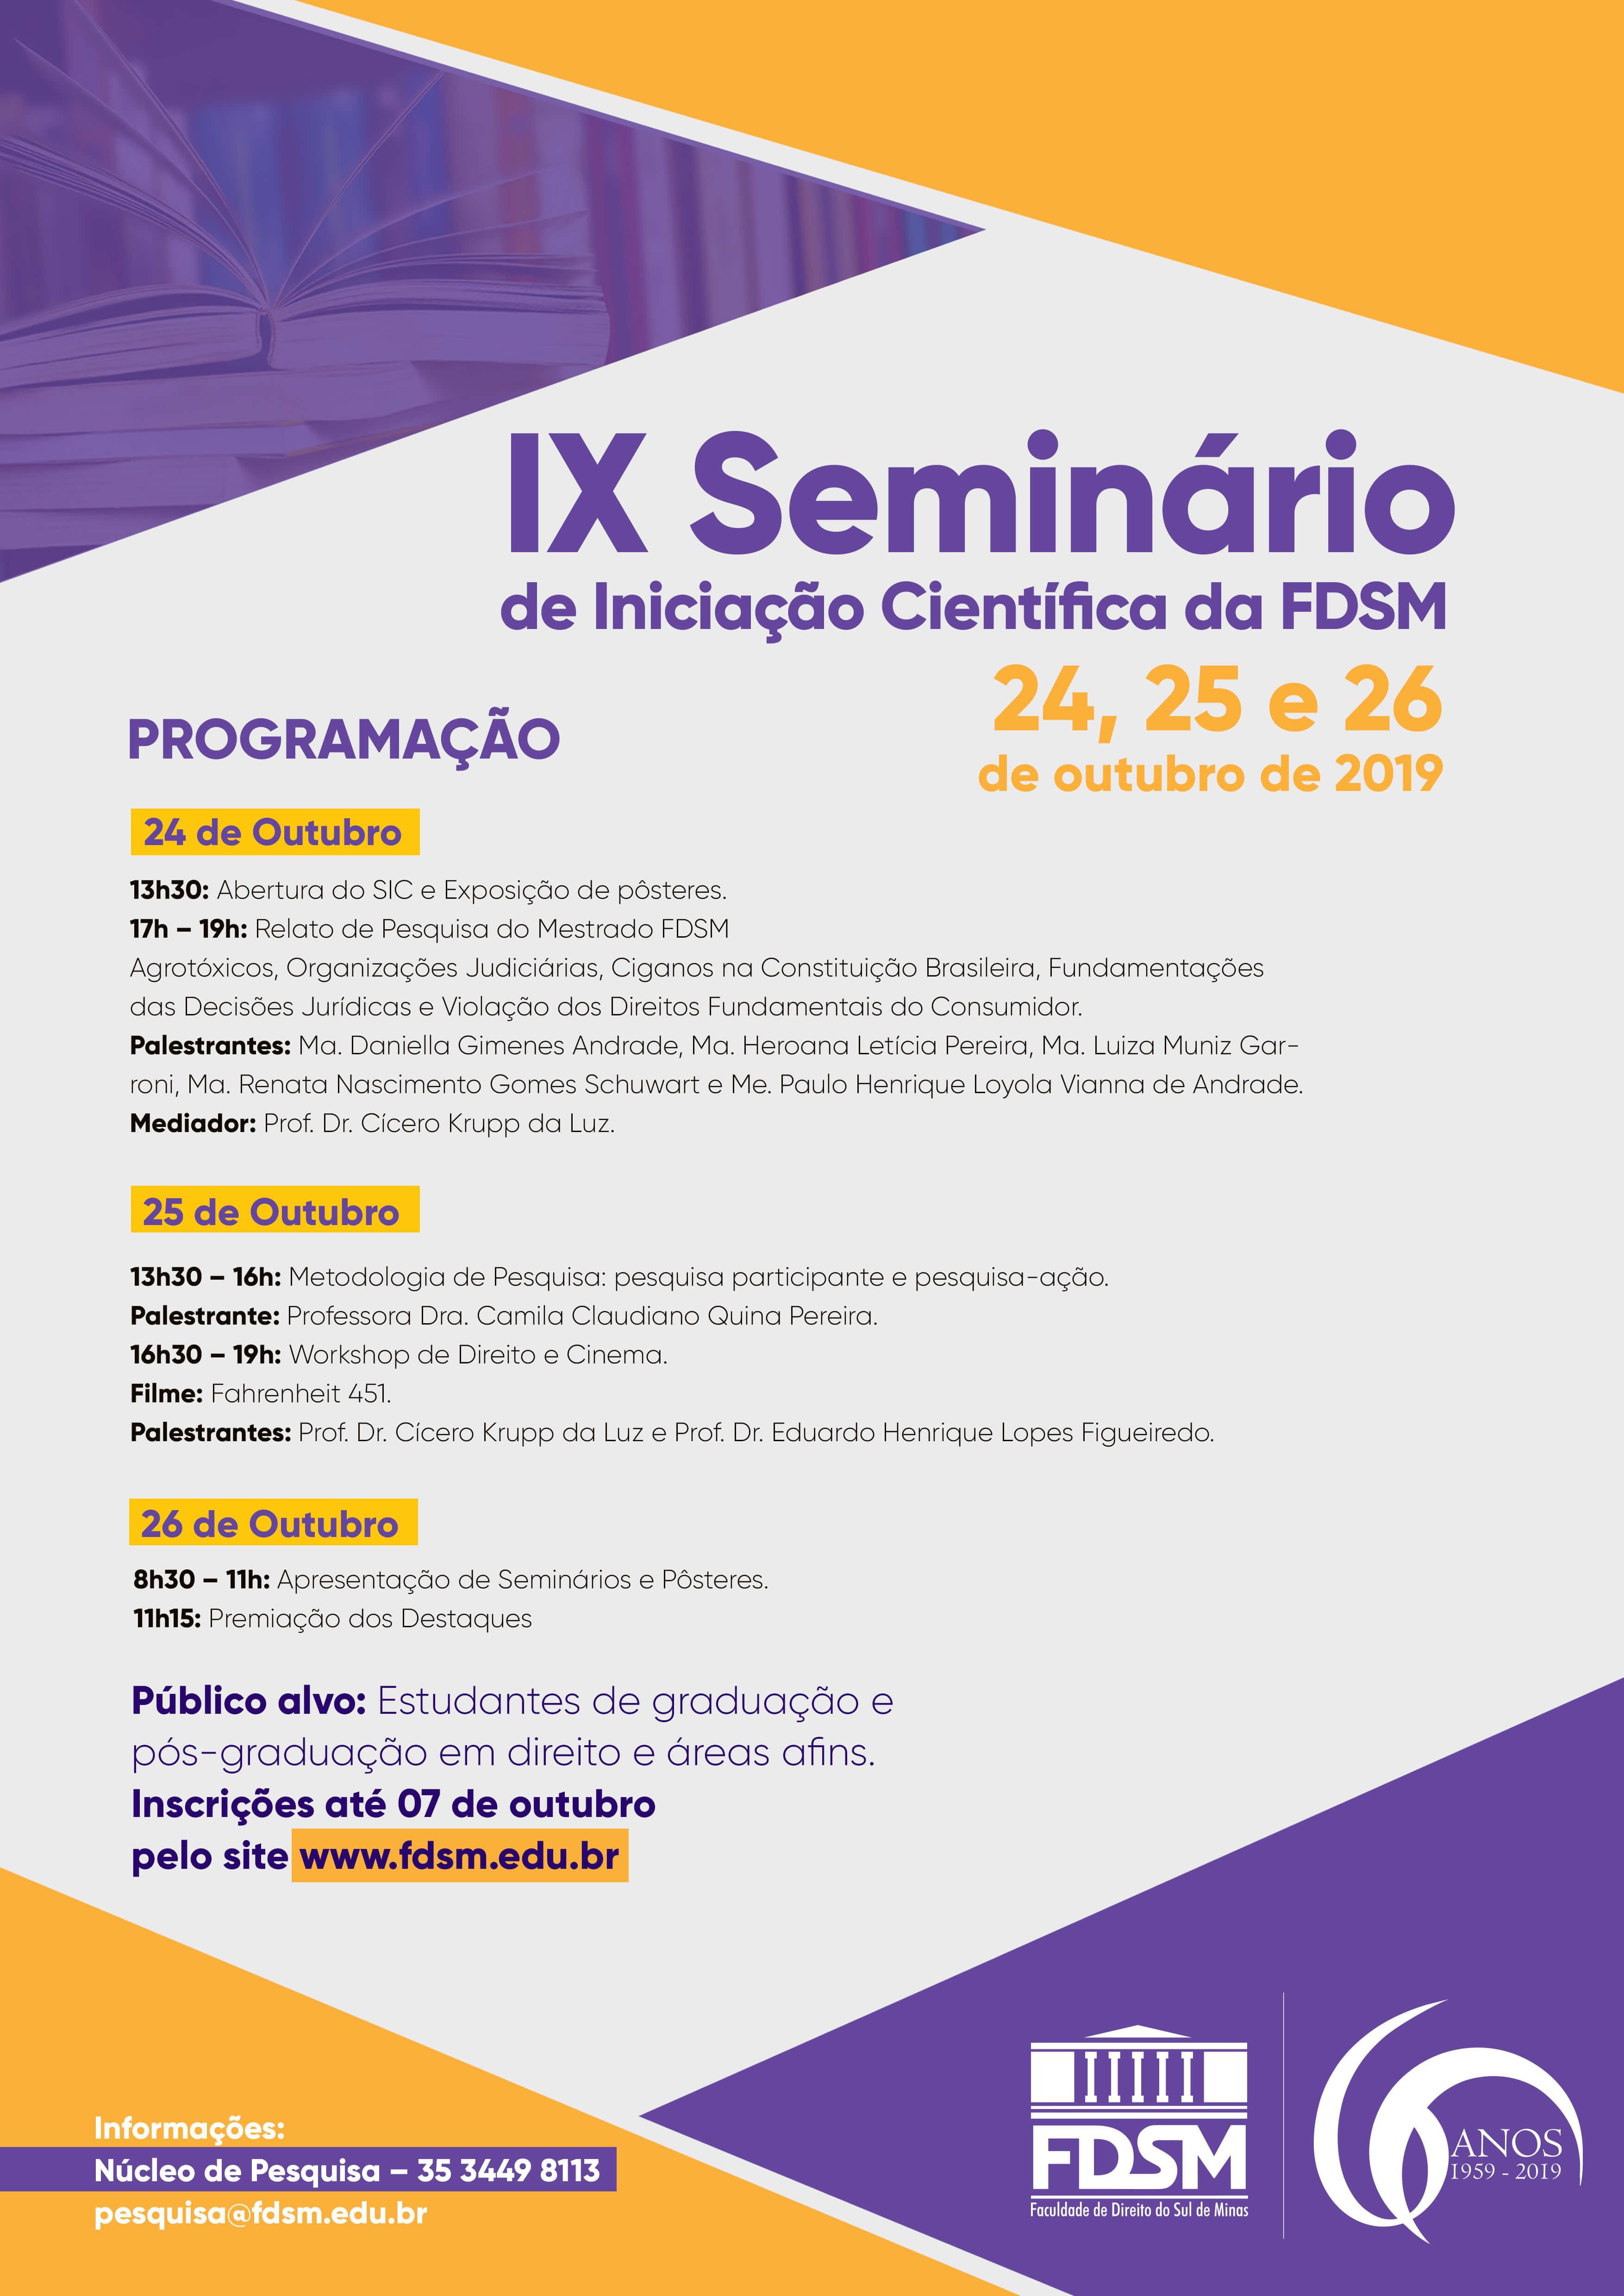 Dia 24/10 - IX Seminário de Iniciação Científica da FDSM